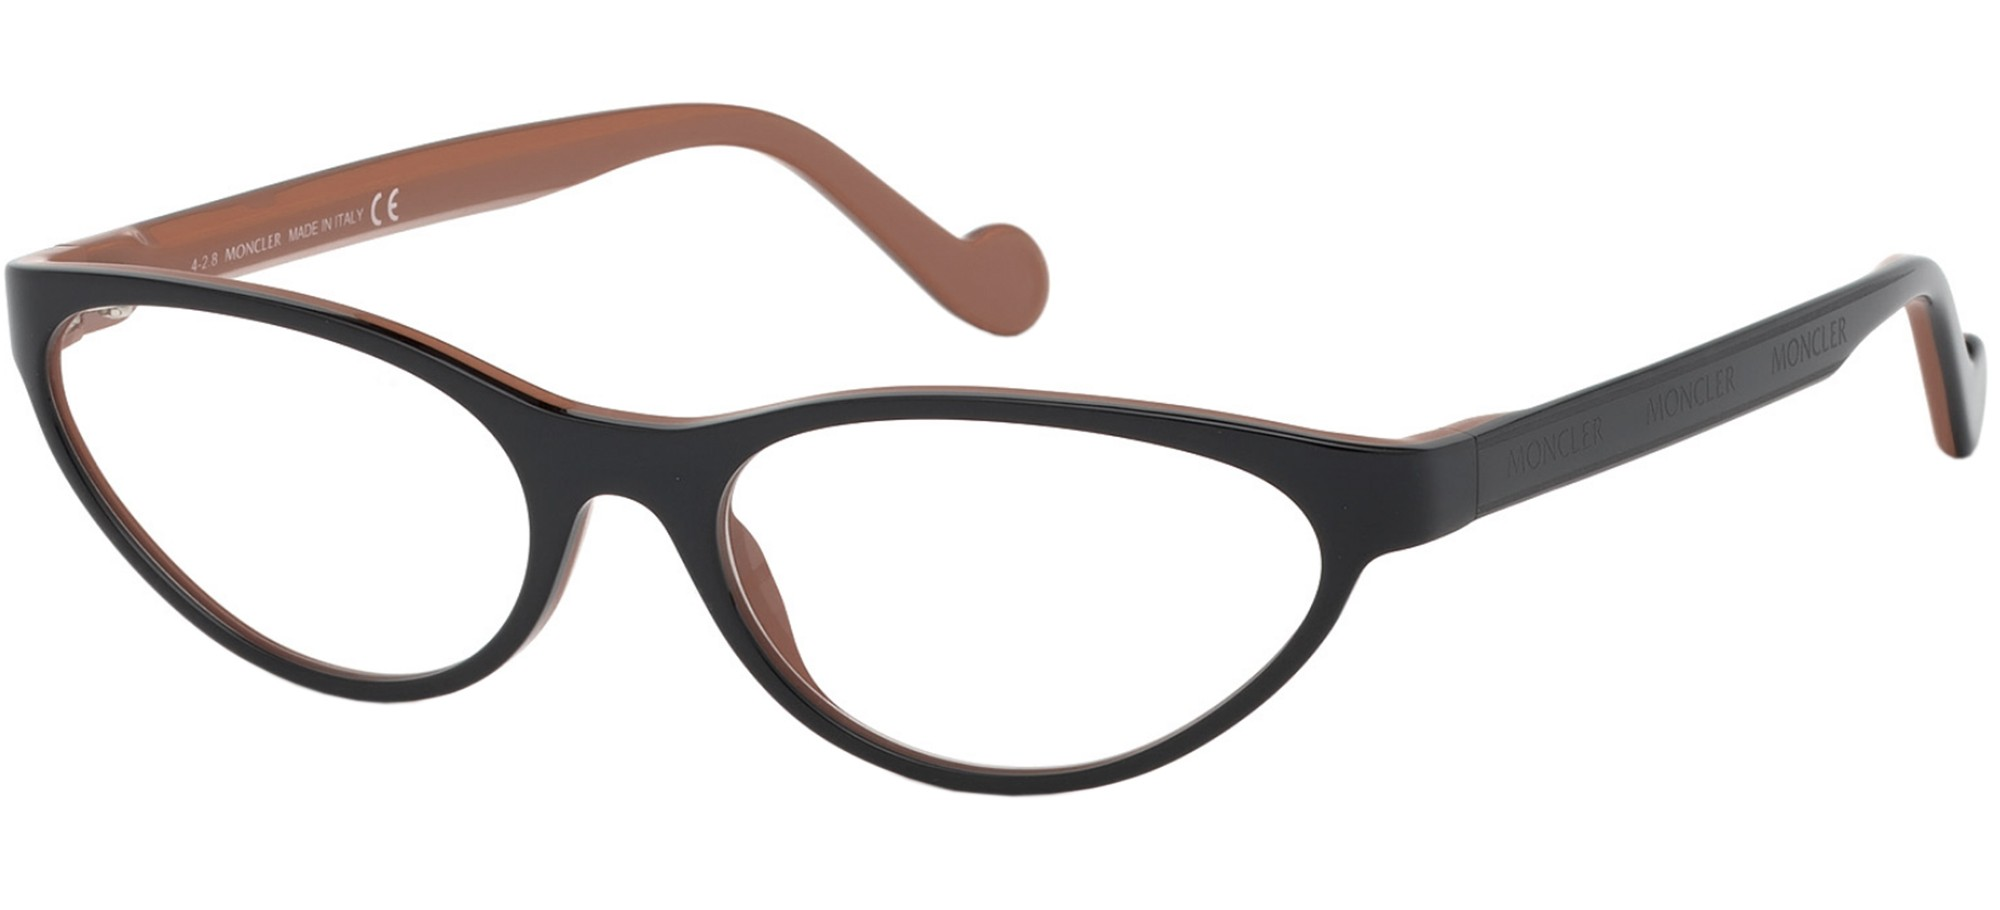 Moncler 5064 005 - Oculos de Grau